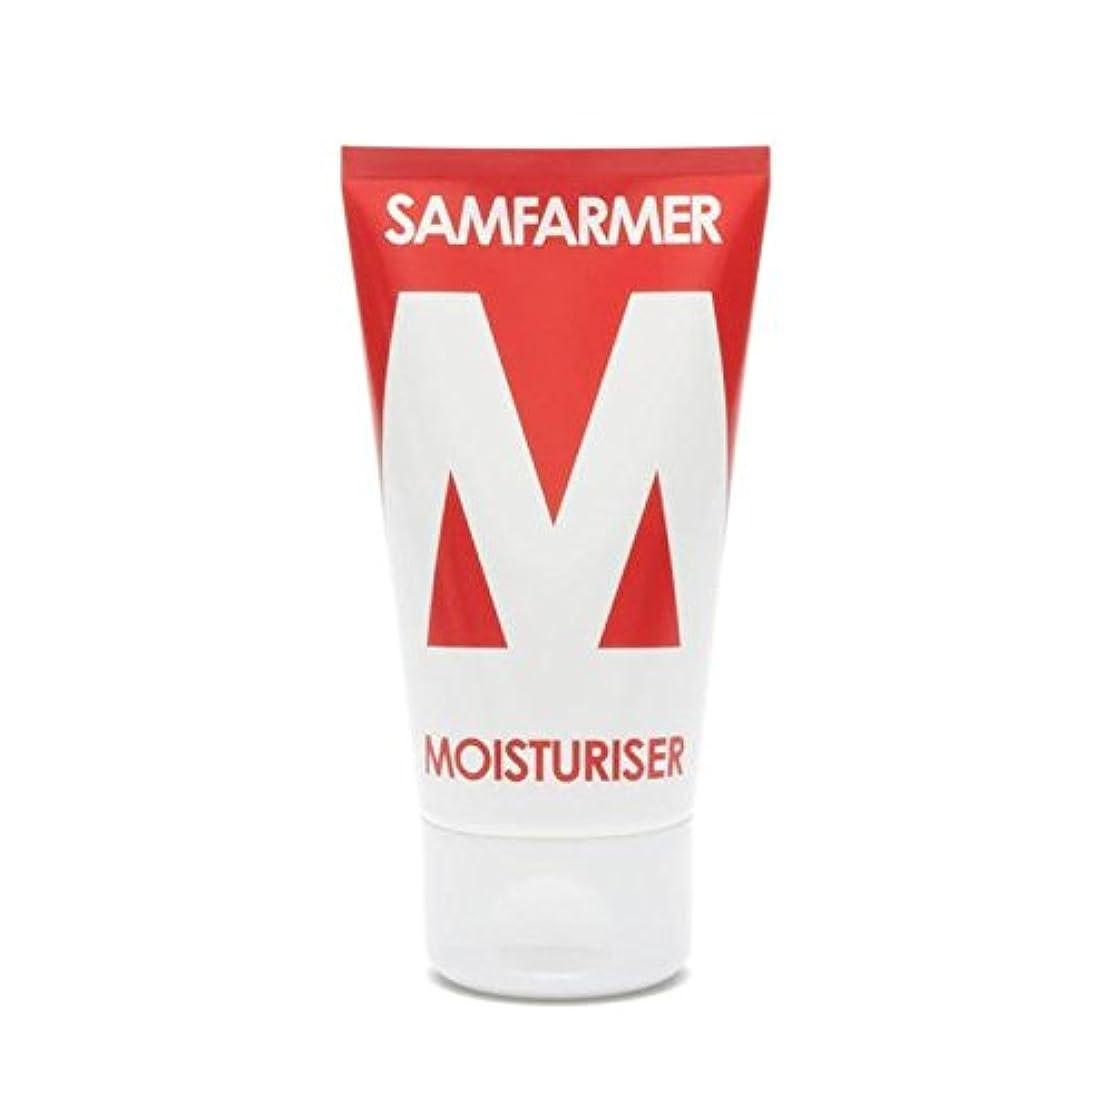 曲カバー花弁ユニセックス保湿50ミリリットル x2 - SAMFARMER Unisex Moisturiser 50ml (Pack of 2) [並行輸入品]